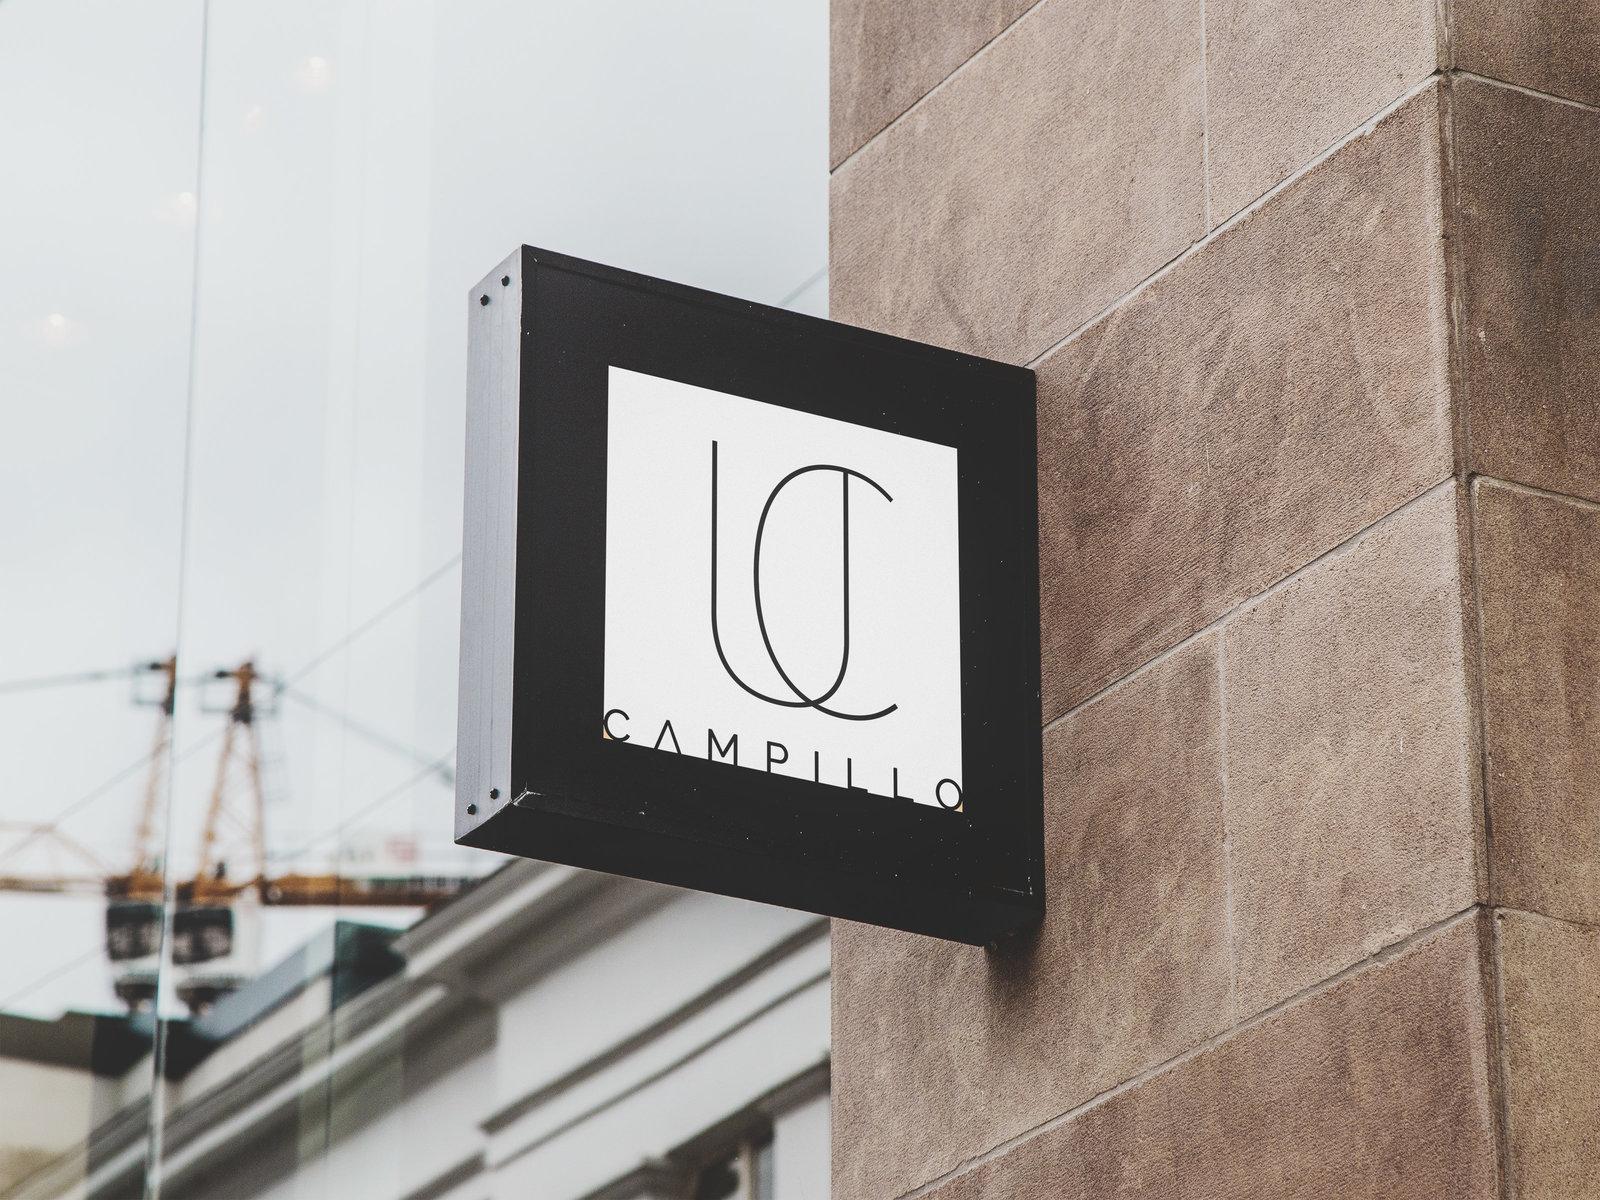 Campillo street logo